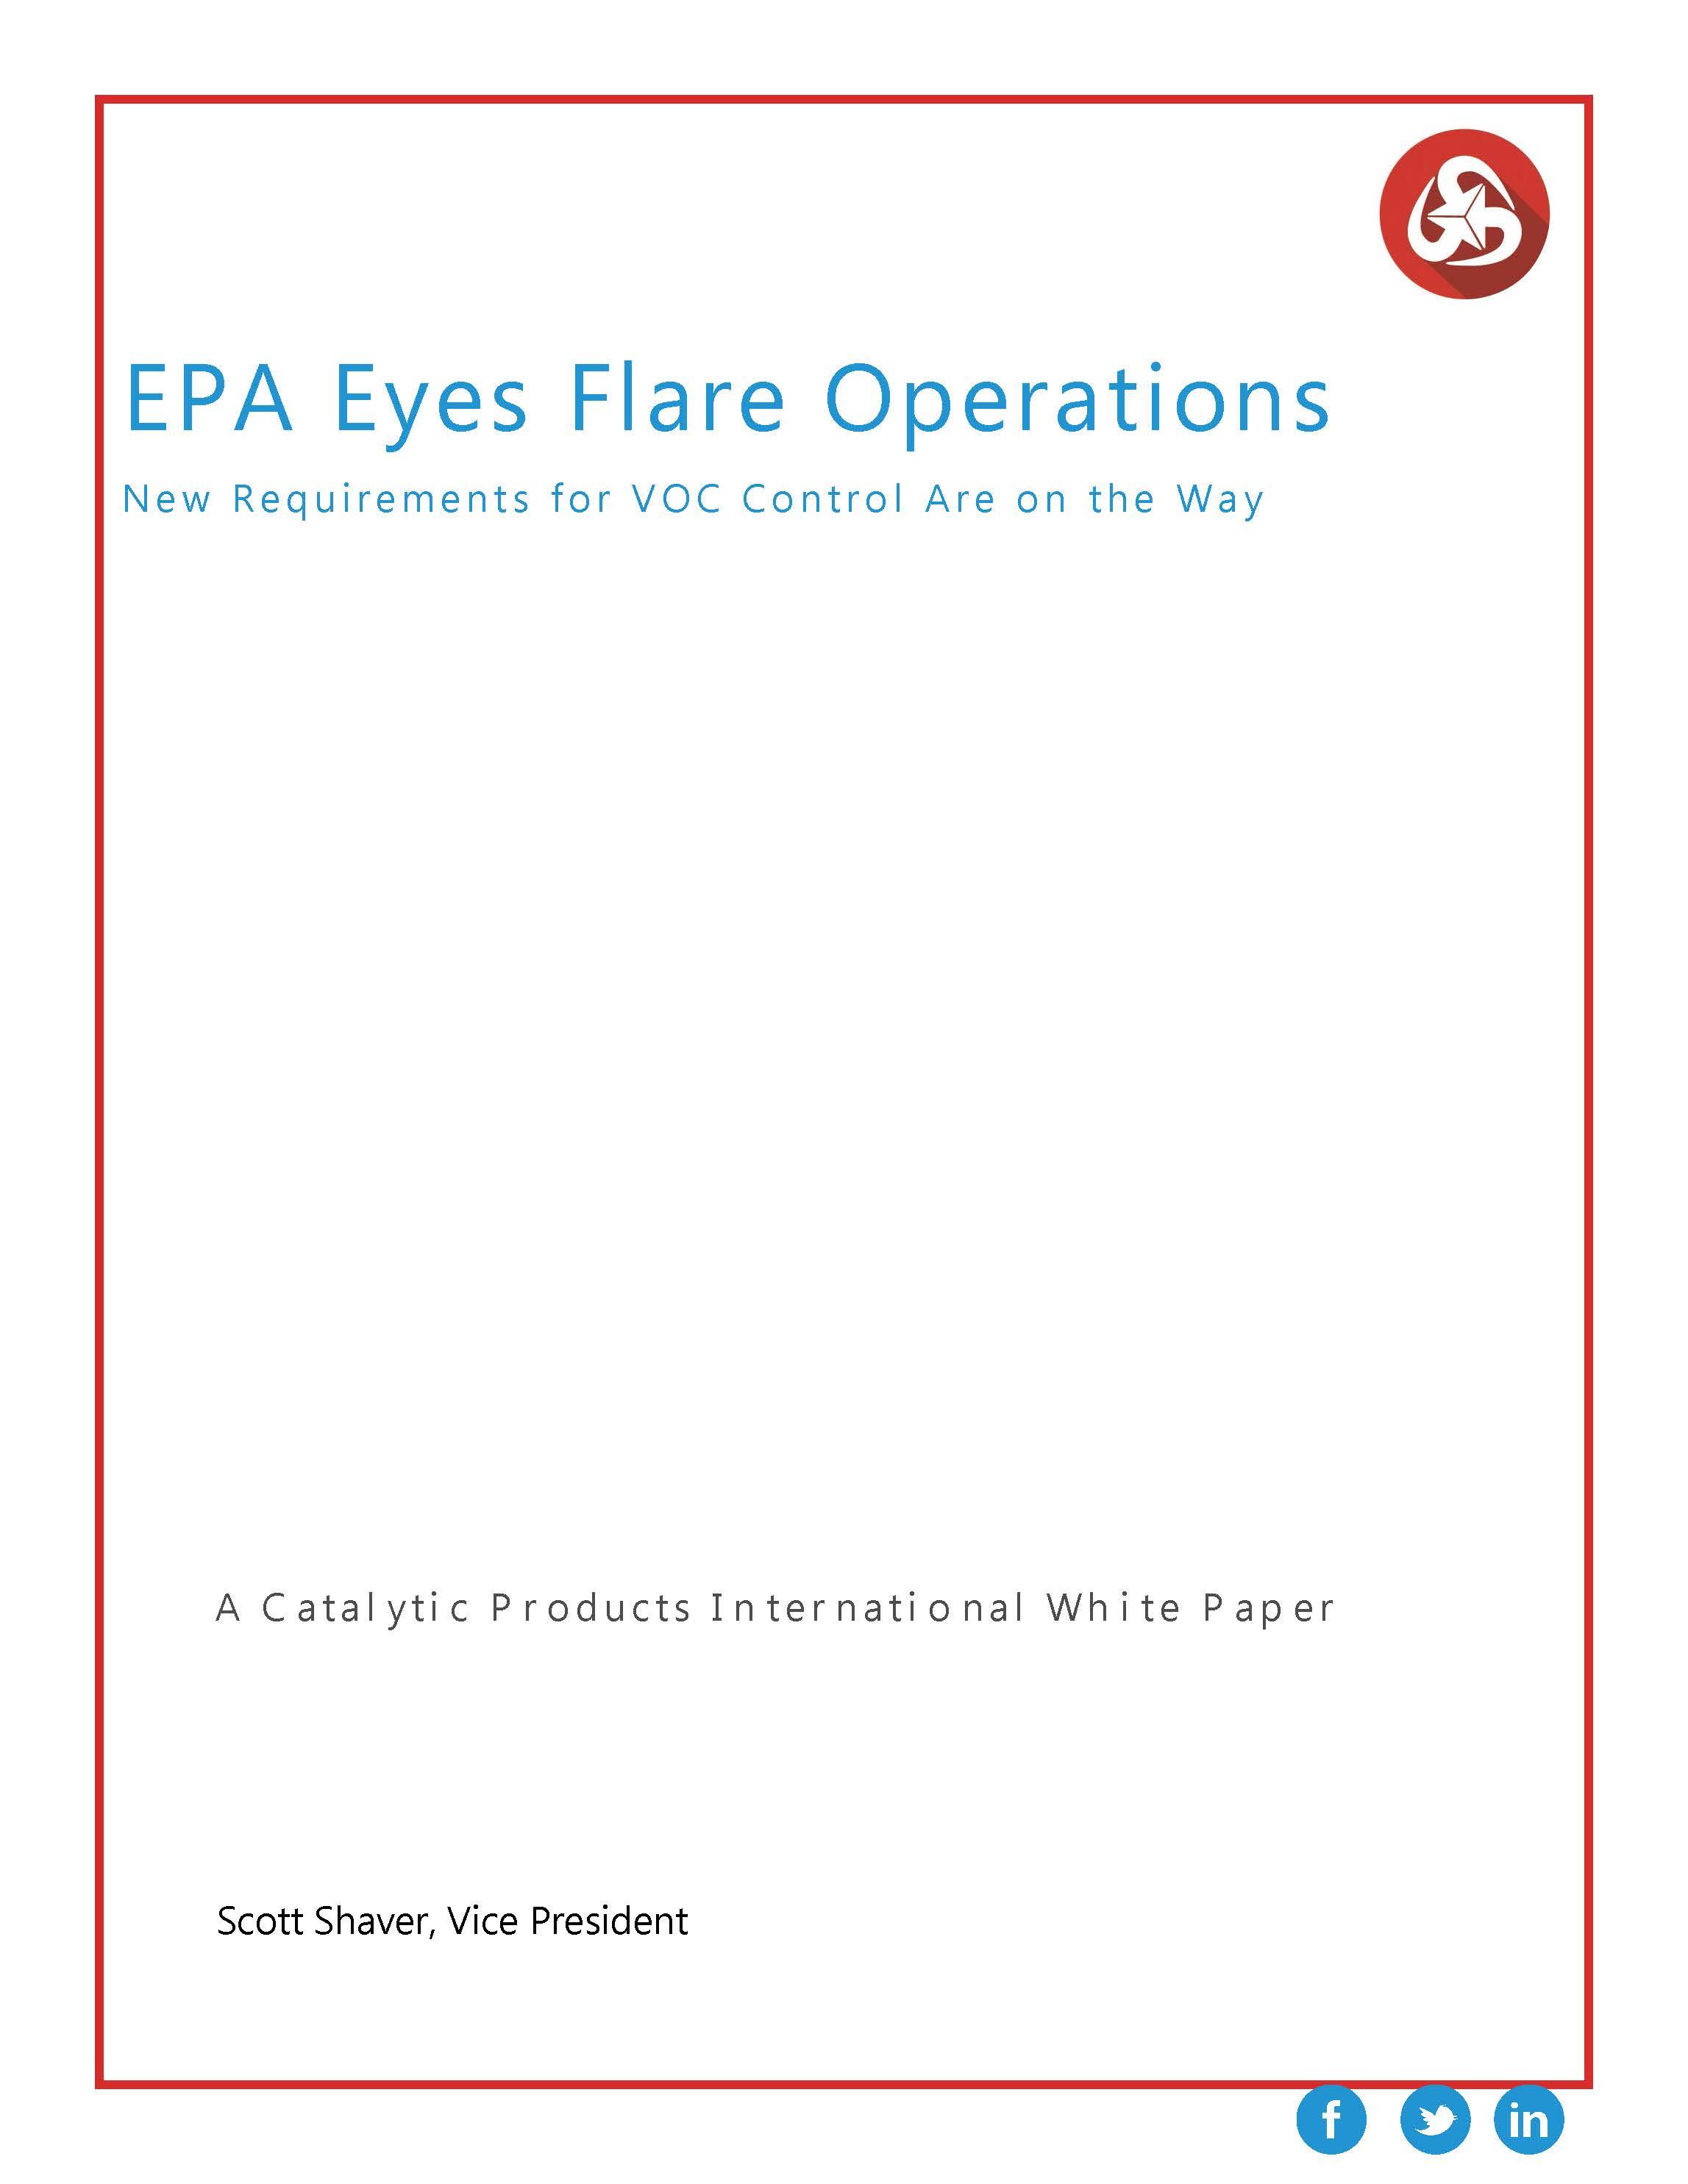 2014_EPA_Eyes_Flare_Operations